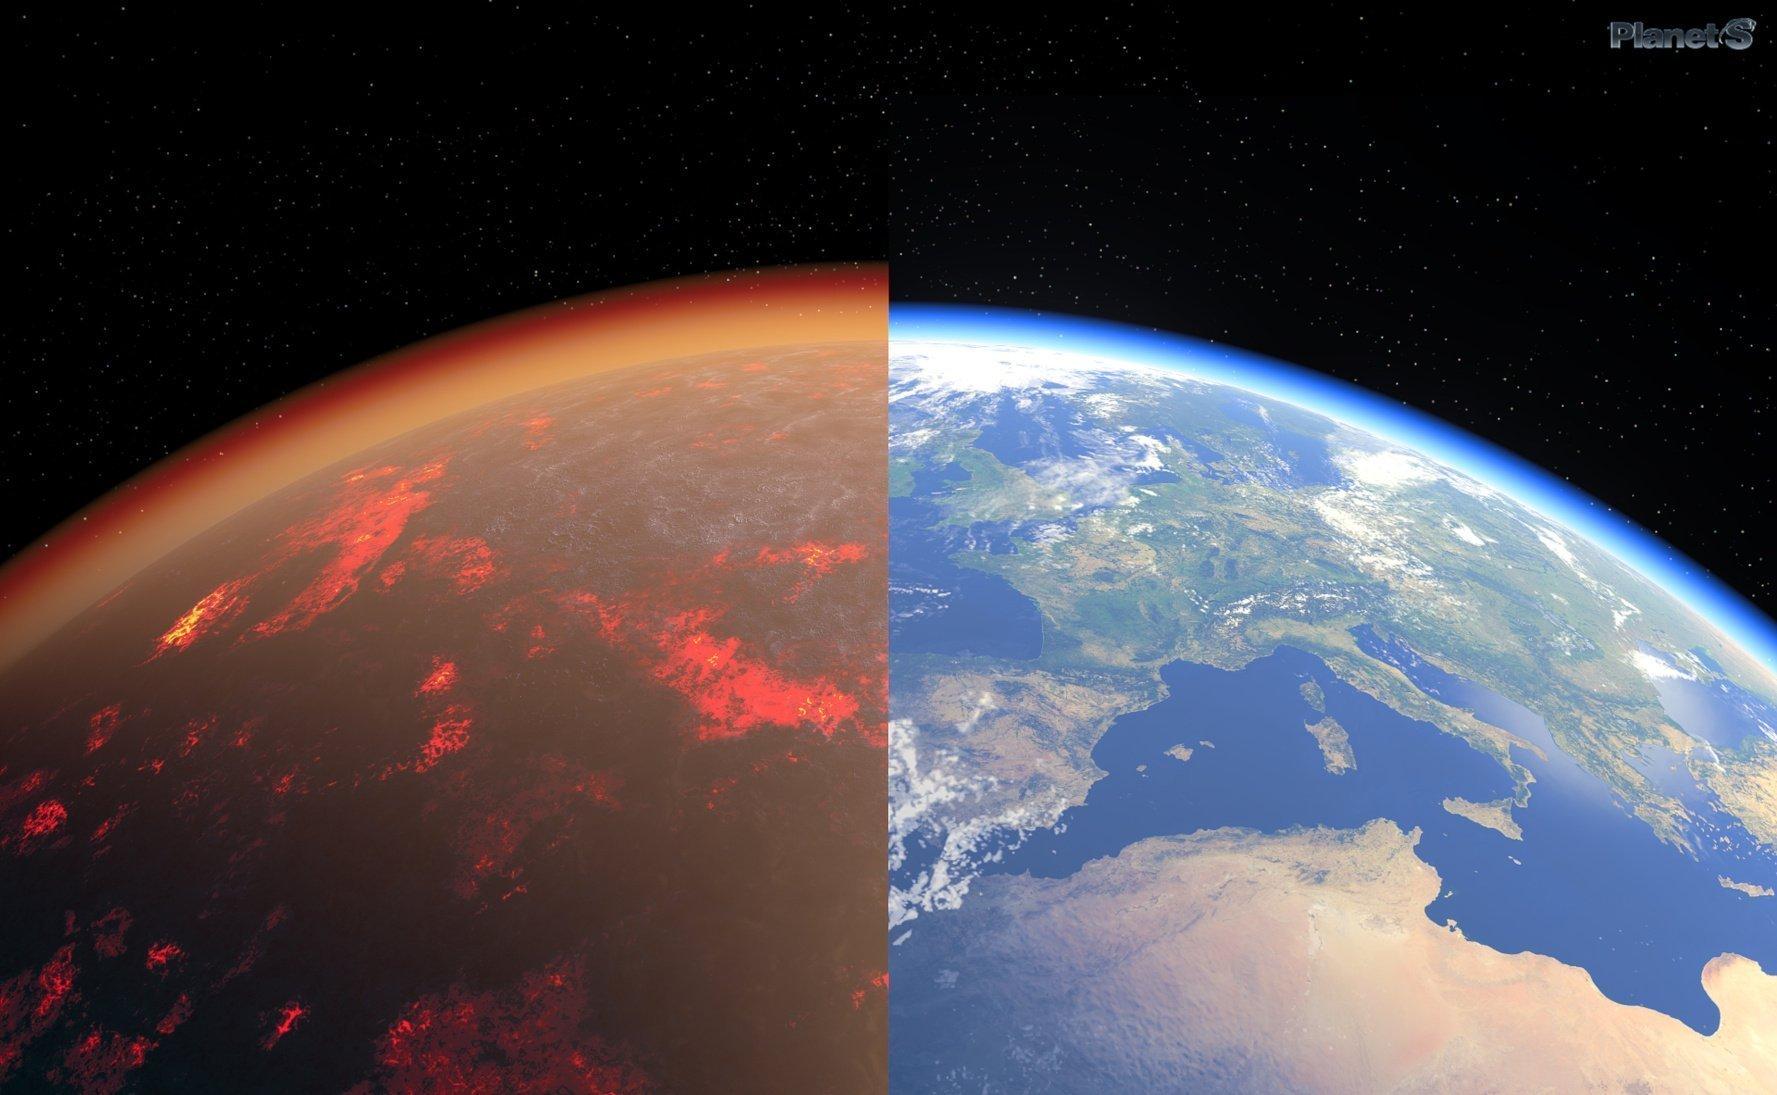 Der-Venus-Atmosph-re-hnlich